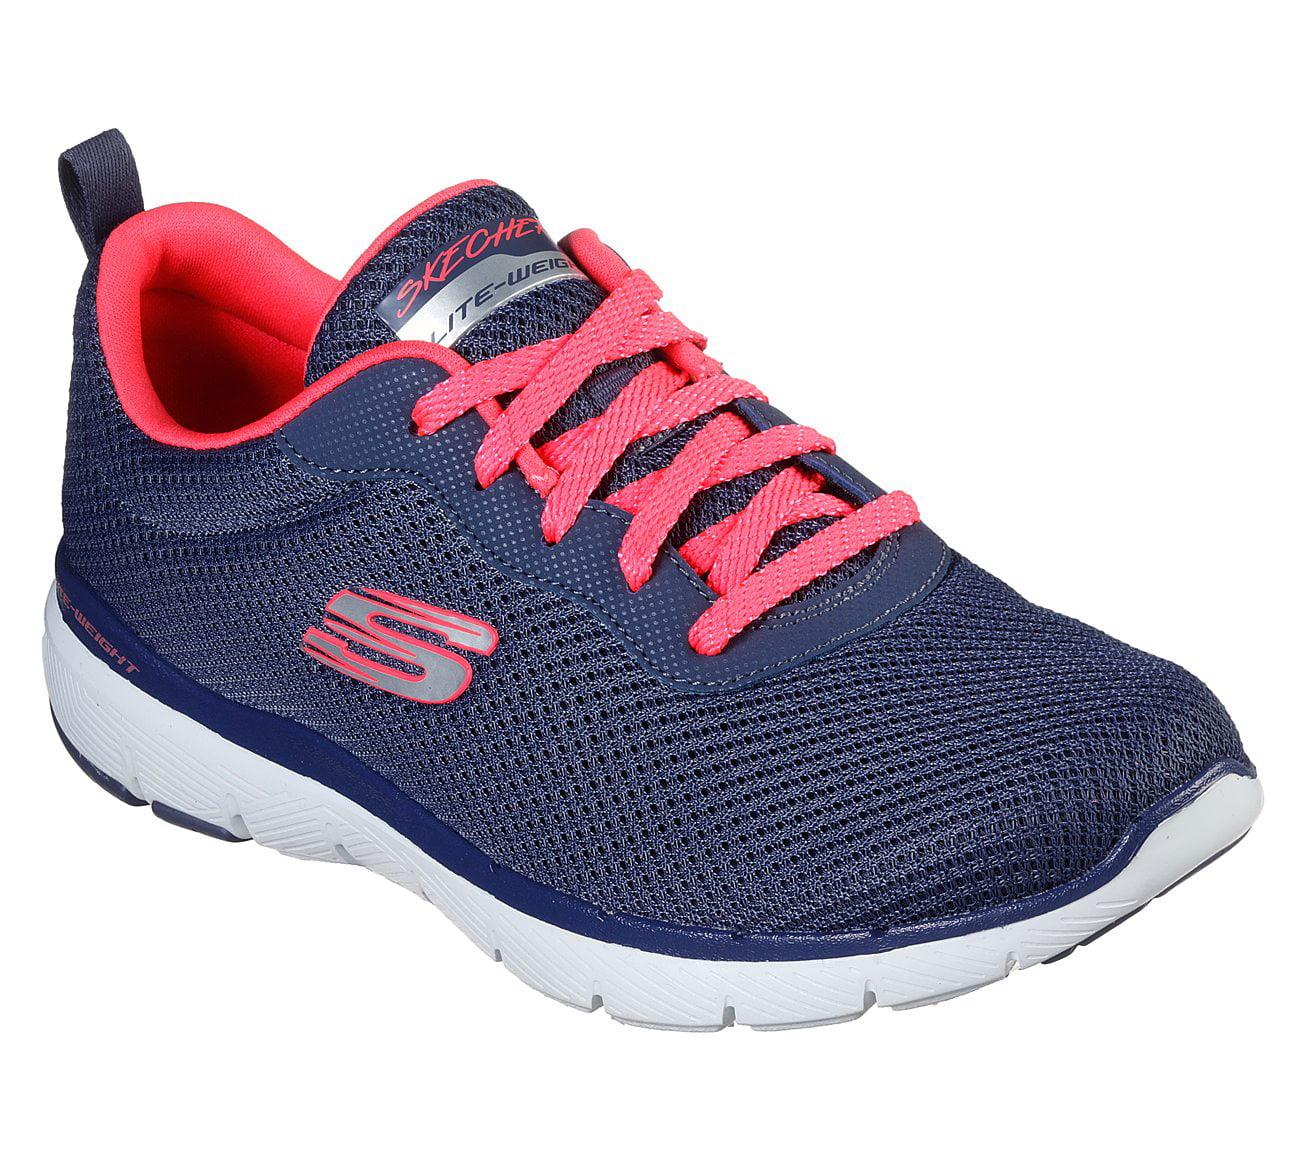 94669361afc91 Skechers Women'S Flex Appeal 3.0-High Tides Shoe